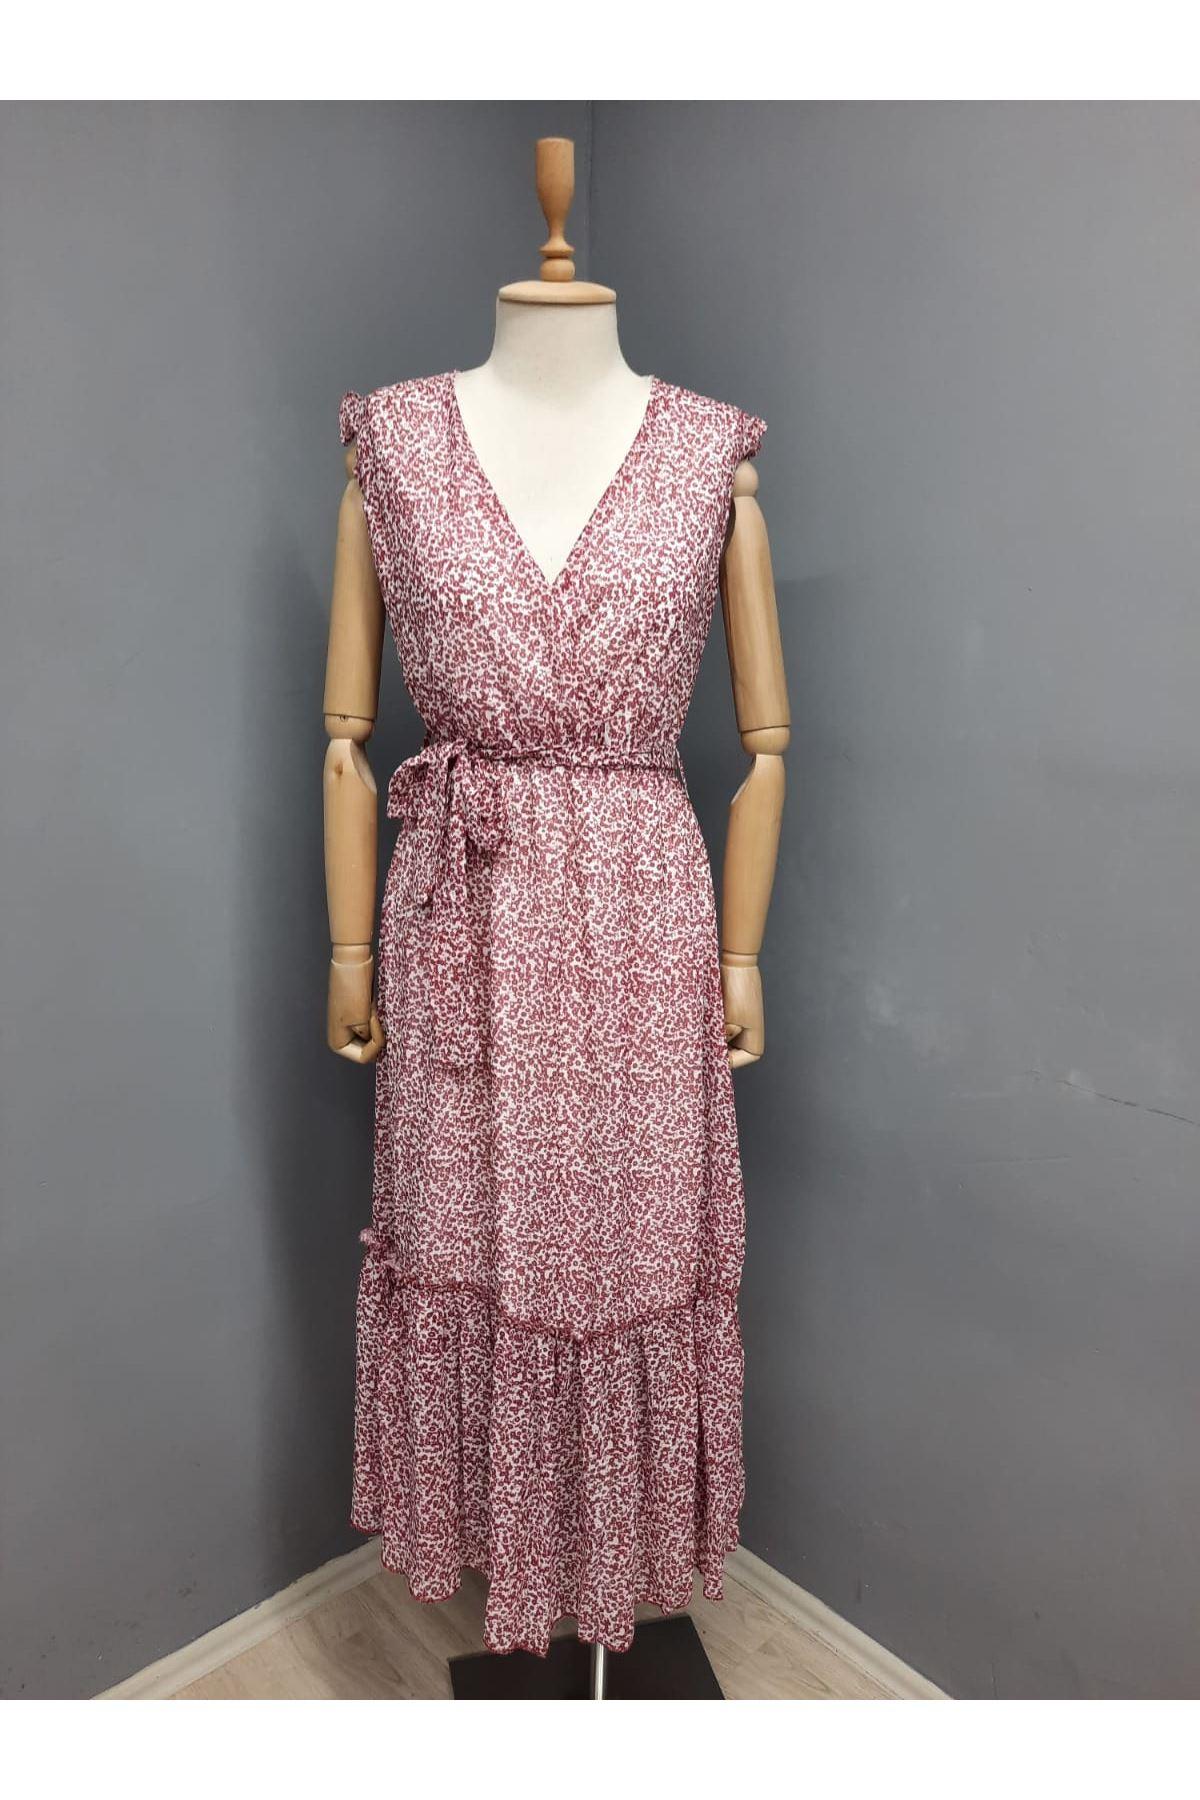 Çıtır Desenli Astarlı Şifon Elbise - KIRMIZI